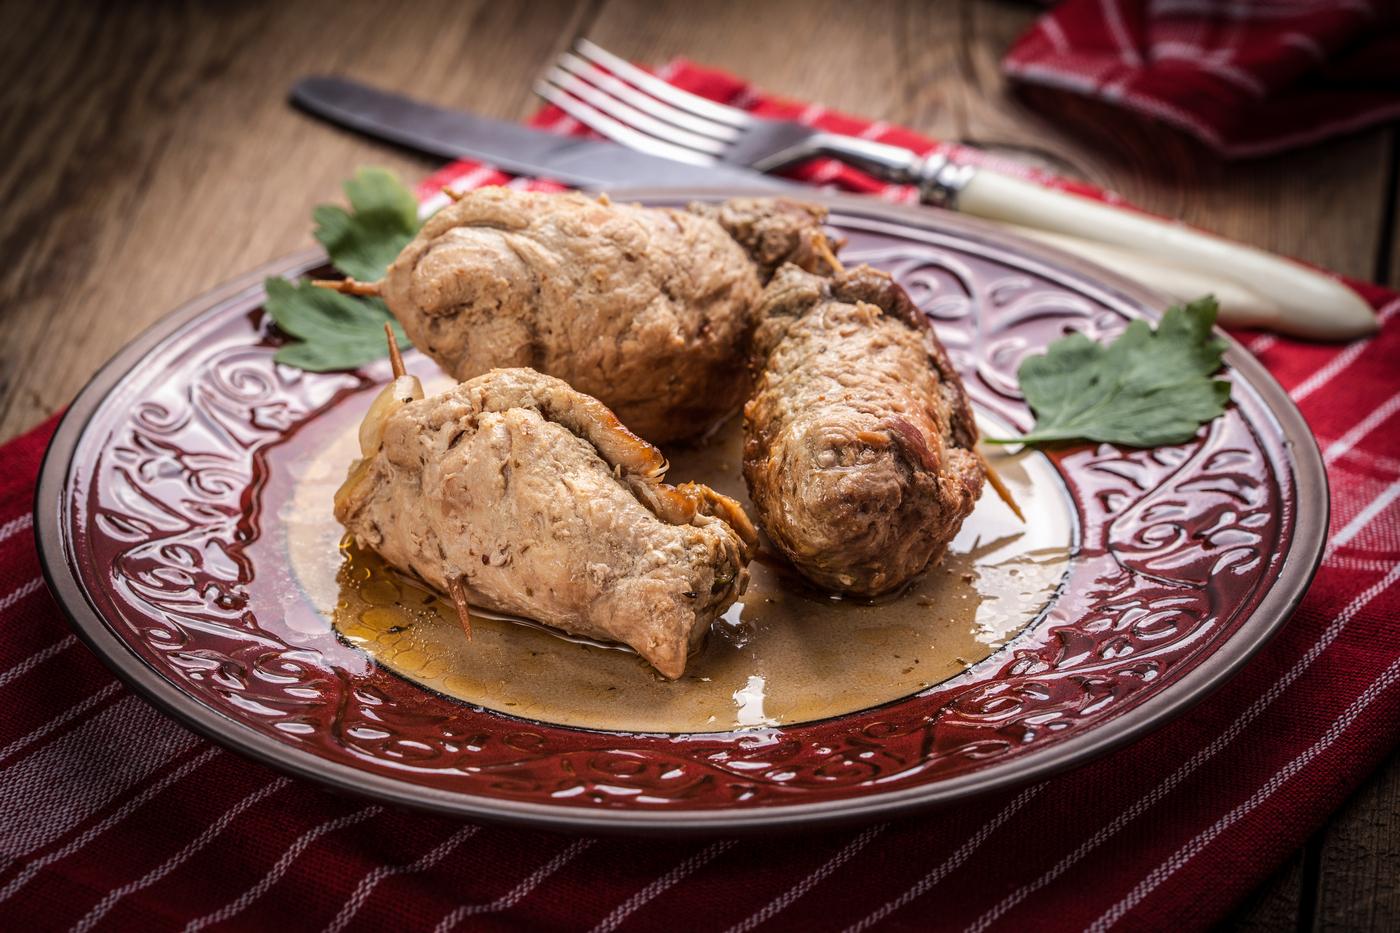 Kuchnia śląska Szlak Kulinarny śląskie Smaki